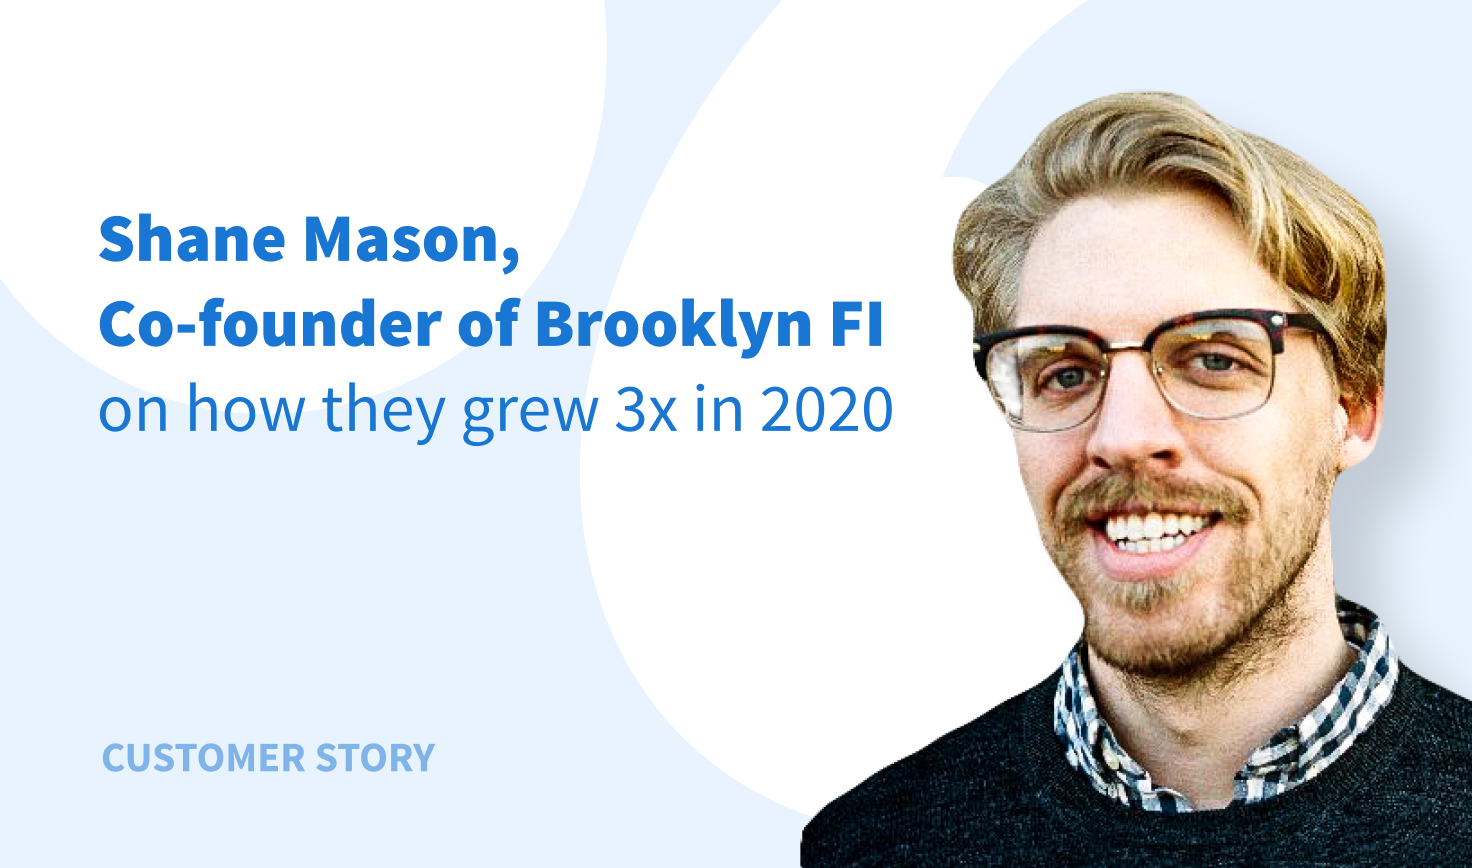 """Die """"Brooklyn FI"""" Erfahrung: So verdreifachen Sie die Rentabilität Ihres Unternehmens mithilfe moderner Technologien"""